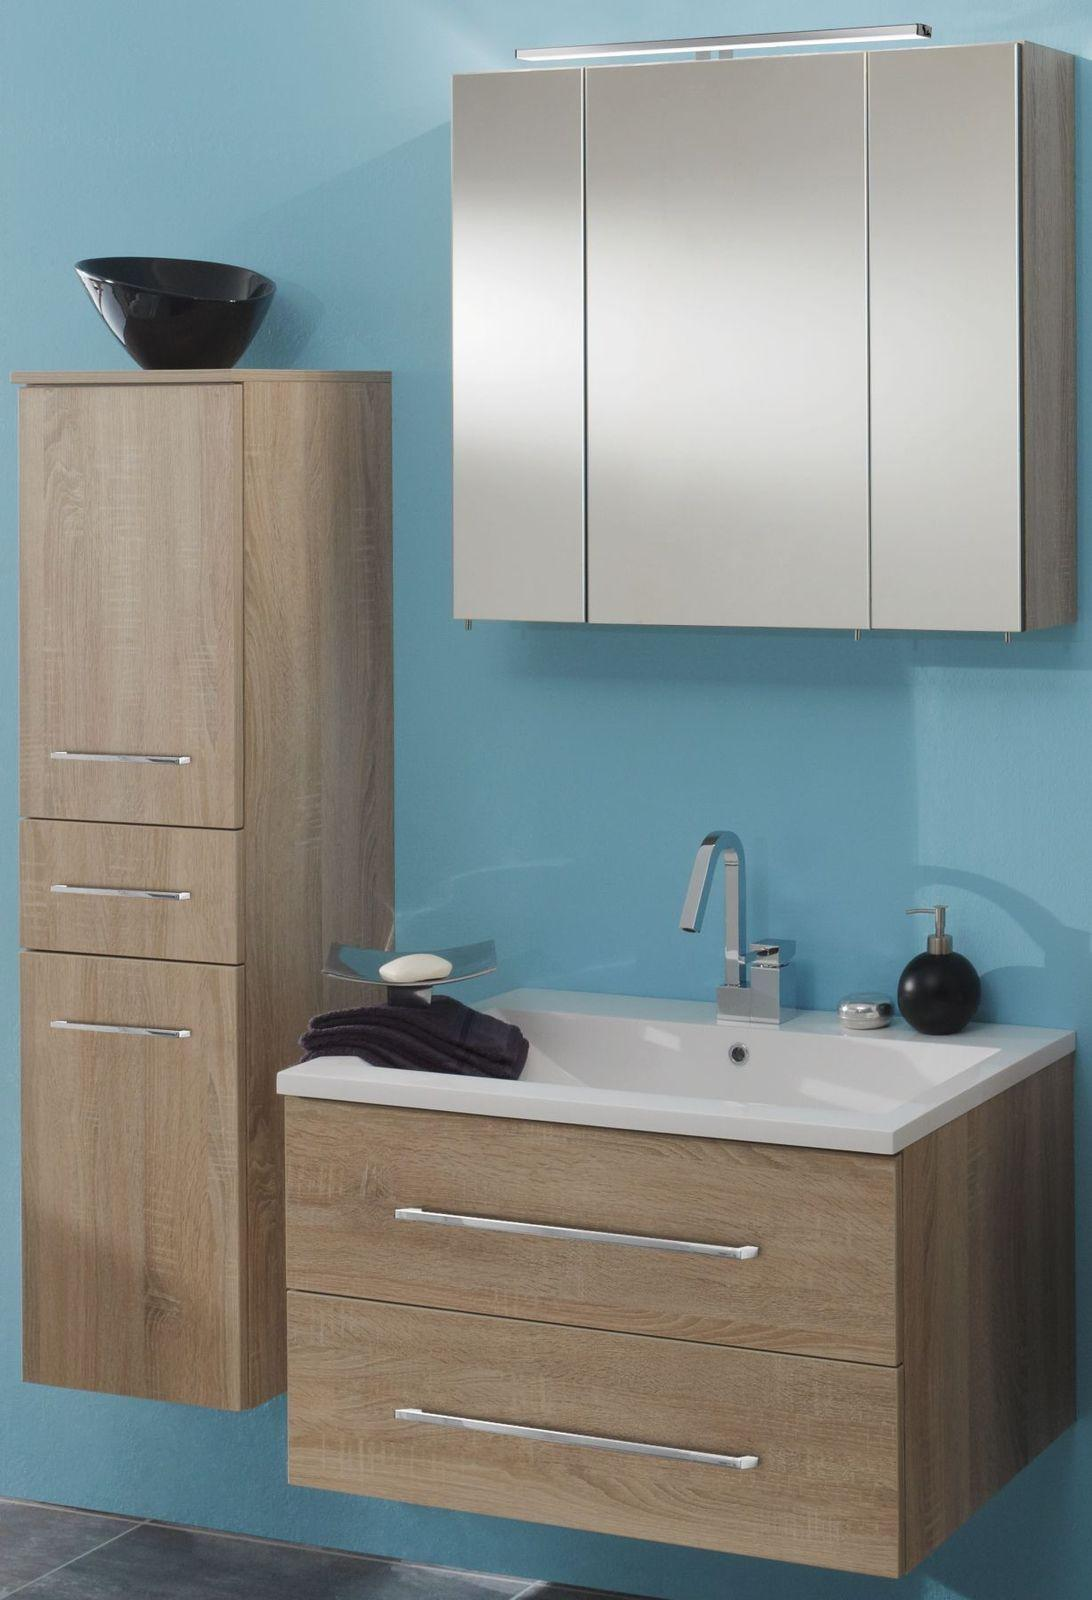 Badmöbelset 3 Teilig Eiche Waschtisch Hängend Spiegelschrank Badezimmer  Gäste WC 1 ...